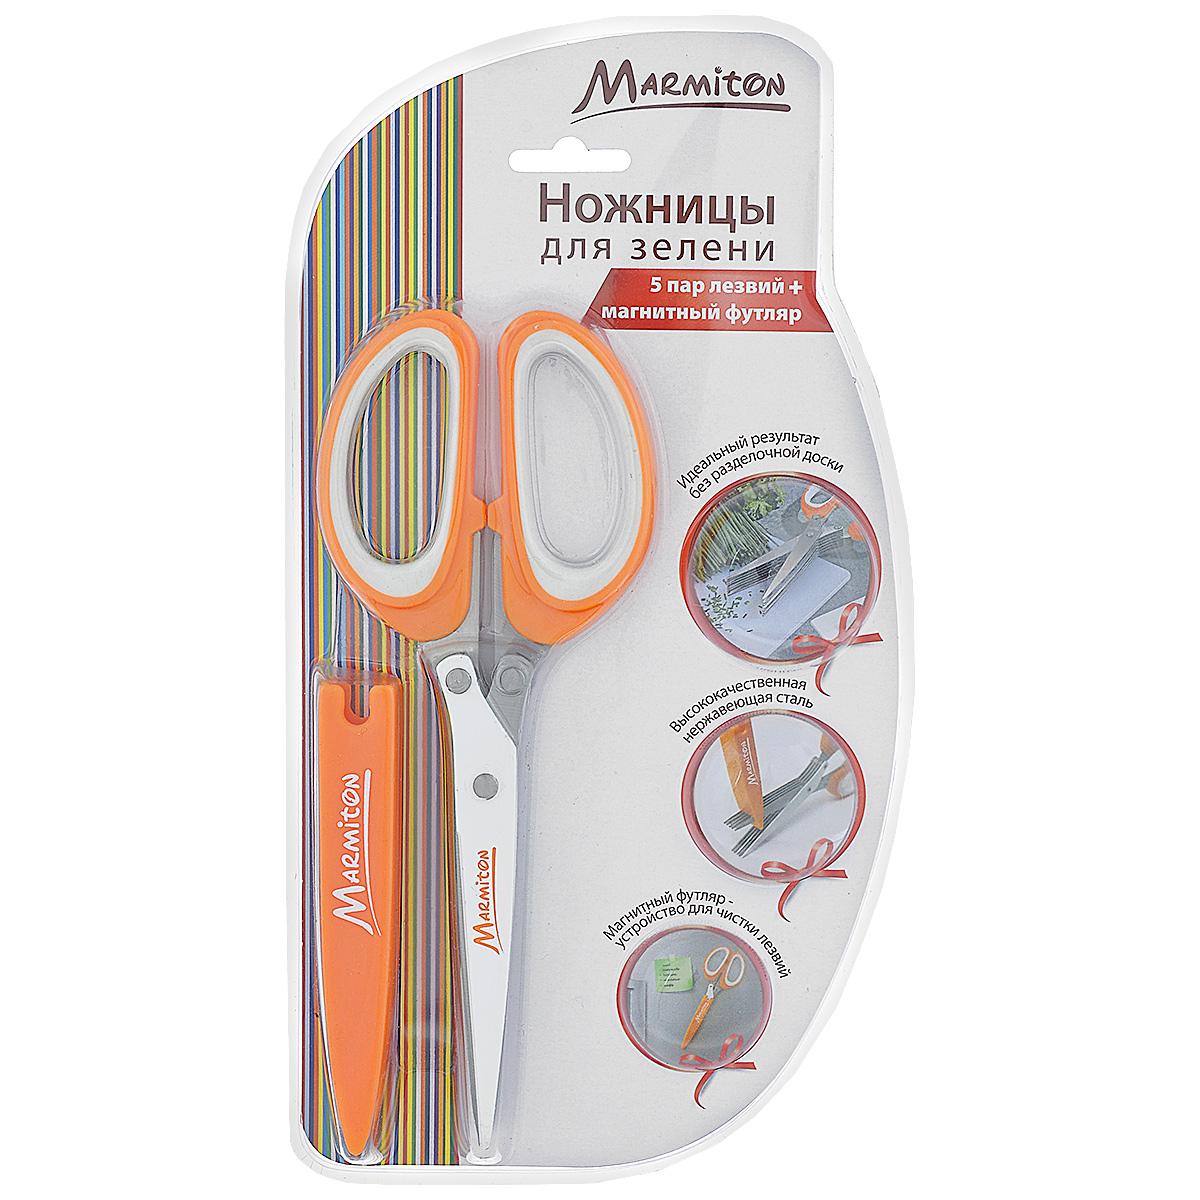 Ножницы для зелени Marmiton, 5 пар лезвий, с чехлом, цвет: оранжевый16141_оранжевыйНожницы для зелени Marmiton изготовлены их высококачественной нержавеющей стали. Рукоятки отделаны пластиком для комфортного хвата. Ножницы имеют 5 пар лезвий, что позволяет быстро нарезать любую зелень. Идеальный результат без разделочной доски. В комплекте имеется магнитный чехол со специальным устройством для чистки лезвий. При помощи ножниц Marmiton можно быстро нарезать зелень для салатов, мясных блюд, гарниров и прочих кулинарных произведений. Такой функциональный аксессуар понравится любой хозяйке.Допускается мыть в посудомоечной машине.Длина лезвий: 11 см. Количество лезвий: 10.Общая длина ножниц: 19 см.Размер чехла: 10,5 х 2 х 2 см.